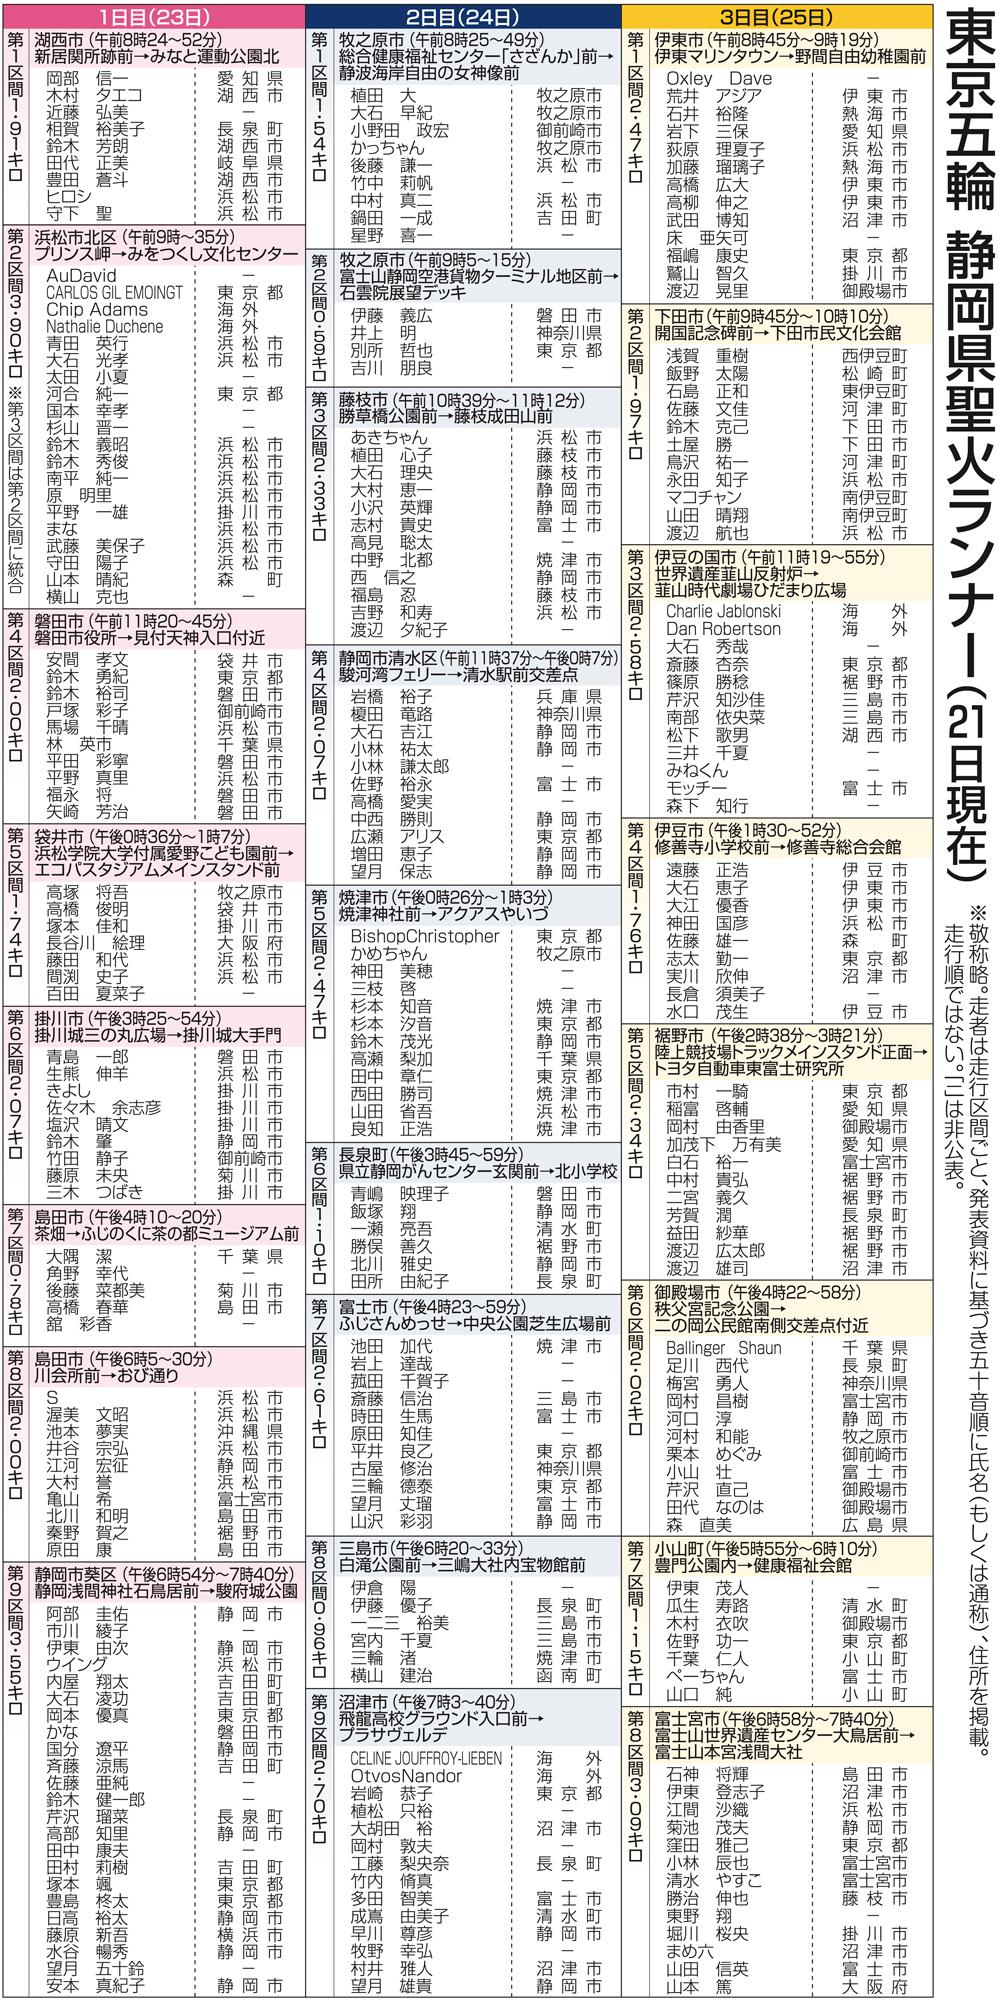 静岡 聖火 ランナー 聖火リレー静岡【広瀬アリス】が走る日程・ルート・時間や順番を調査! わたし出すわ